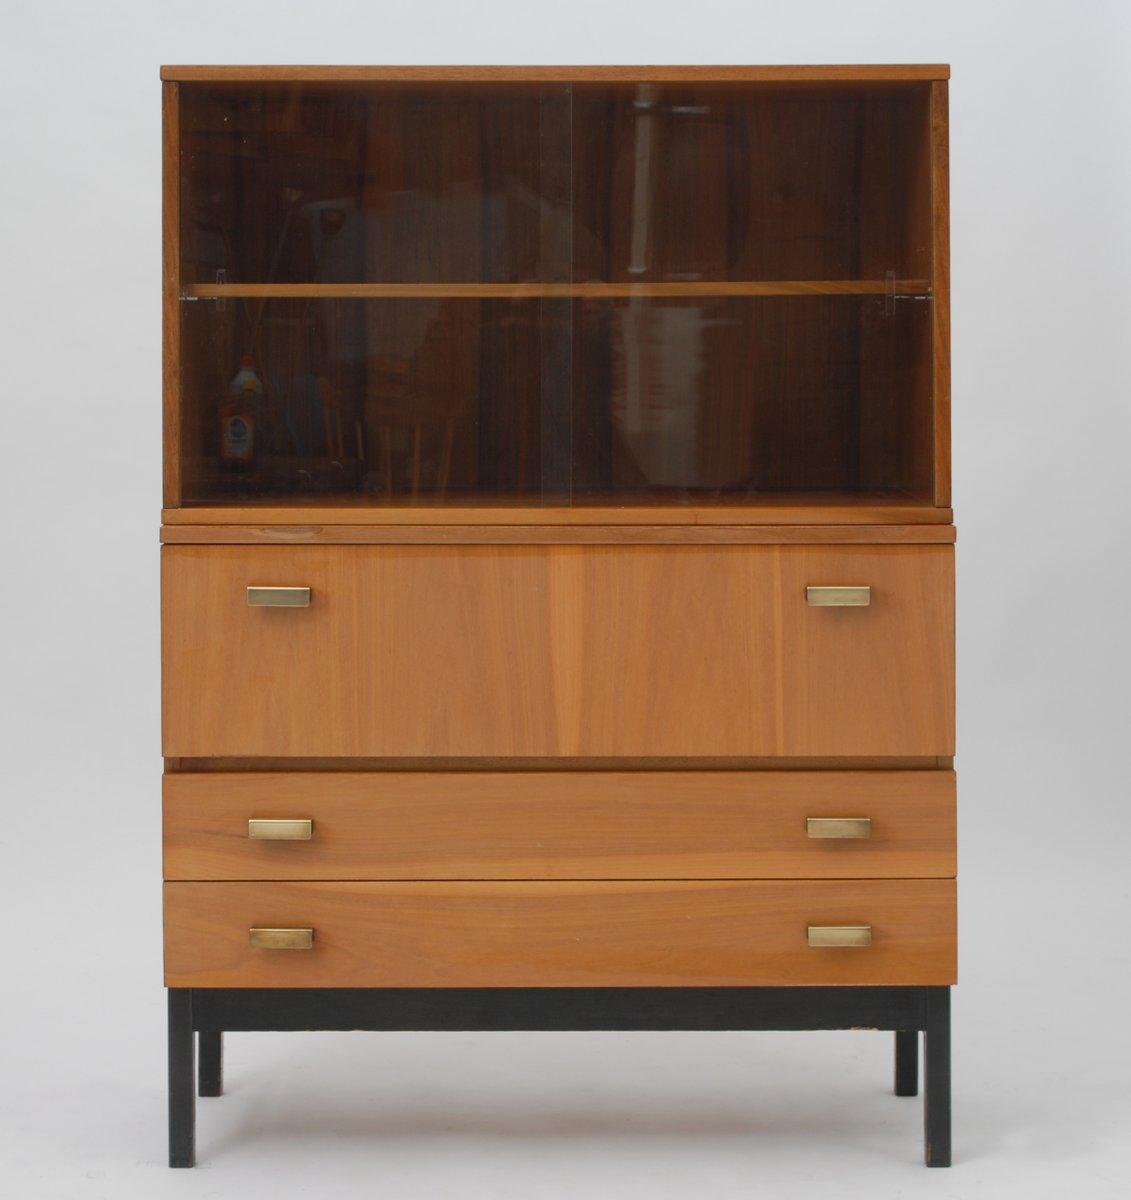 vintage schrank mit b cherregal von interi r praha 1964. Black Bedroom Furniture Sets. Home Design Ideas